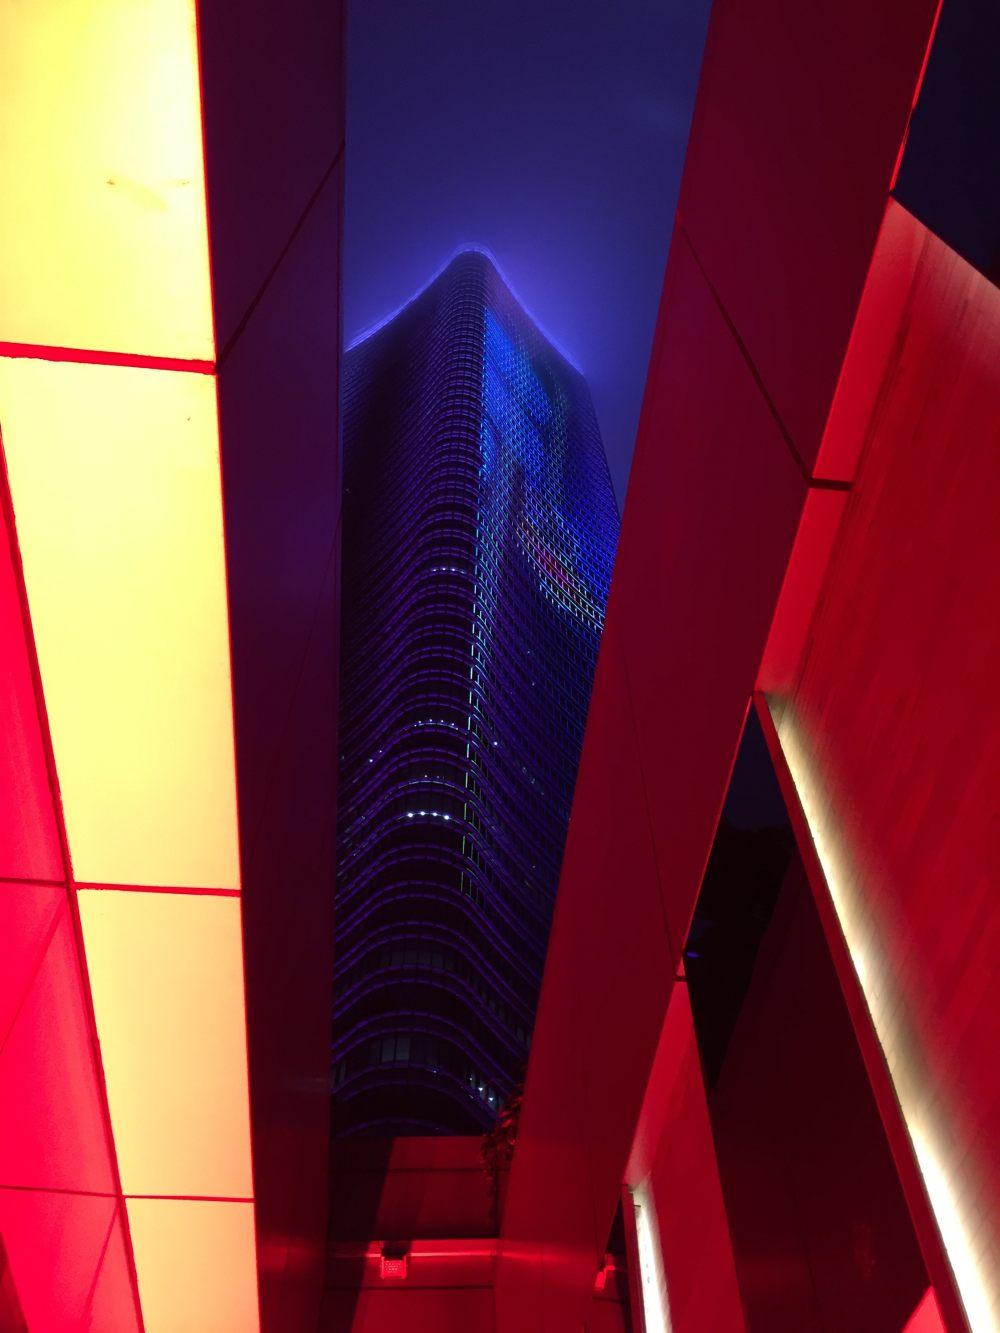 上海外滩W酒店,史上最全入住体验 自拍分享,申请置...._IMG_5901.JPG